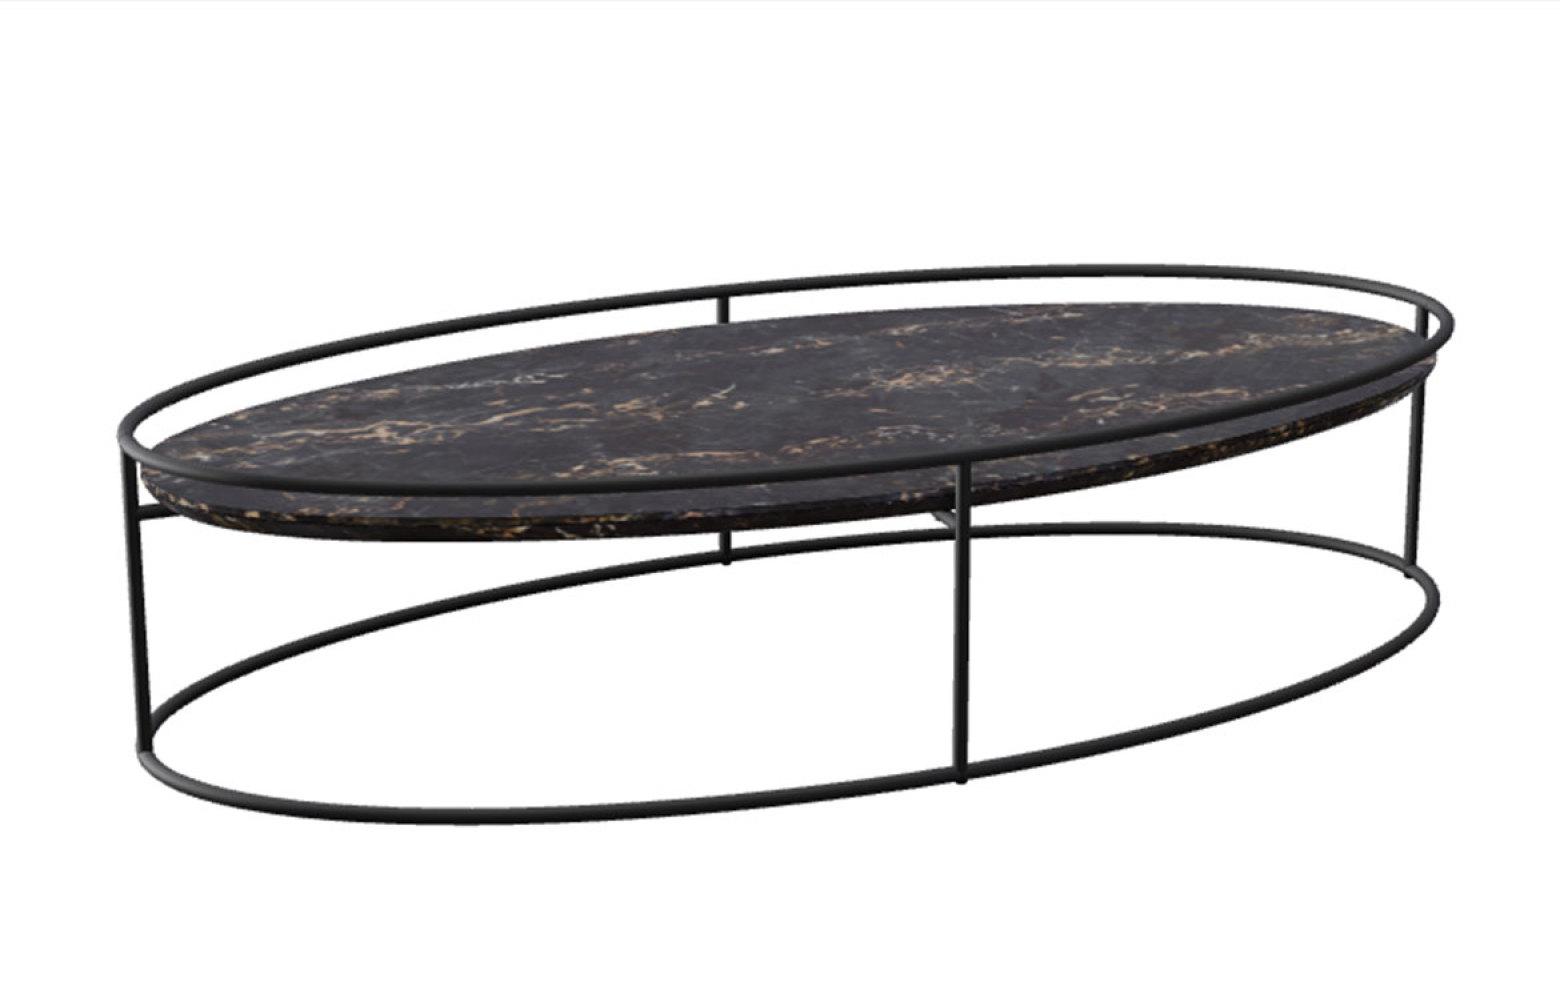 Atollo Keramik Couchtisch Couchtische Kleinmobel Accessoires